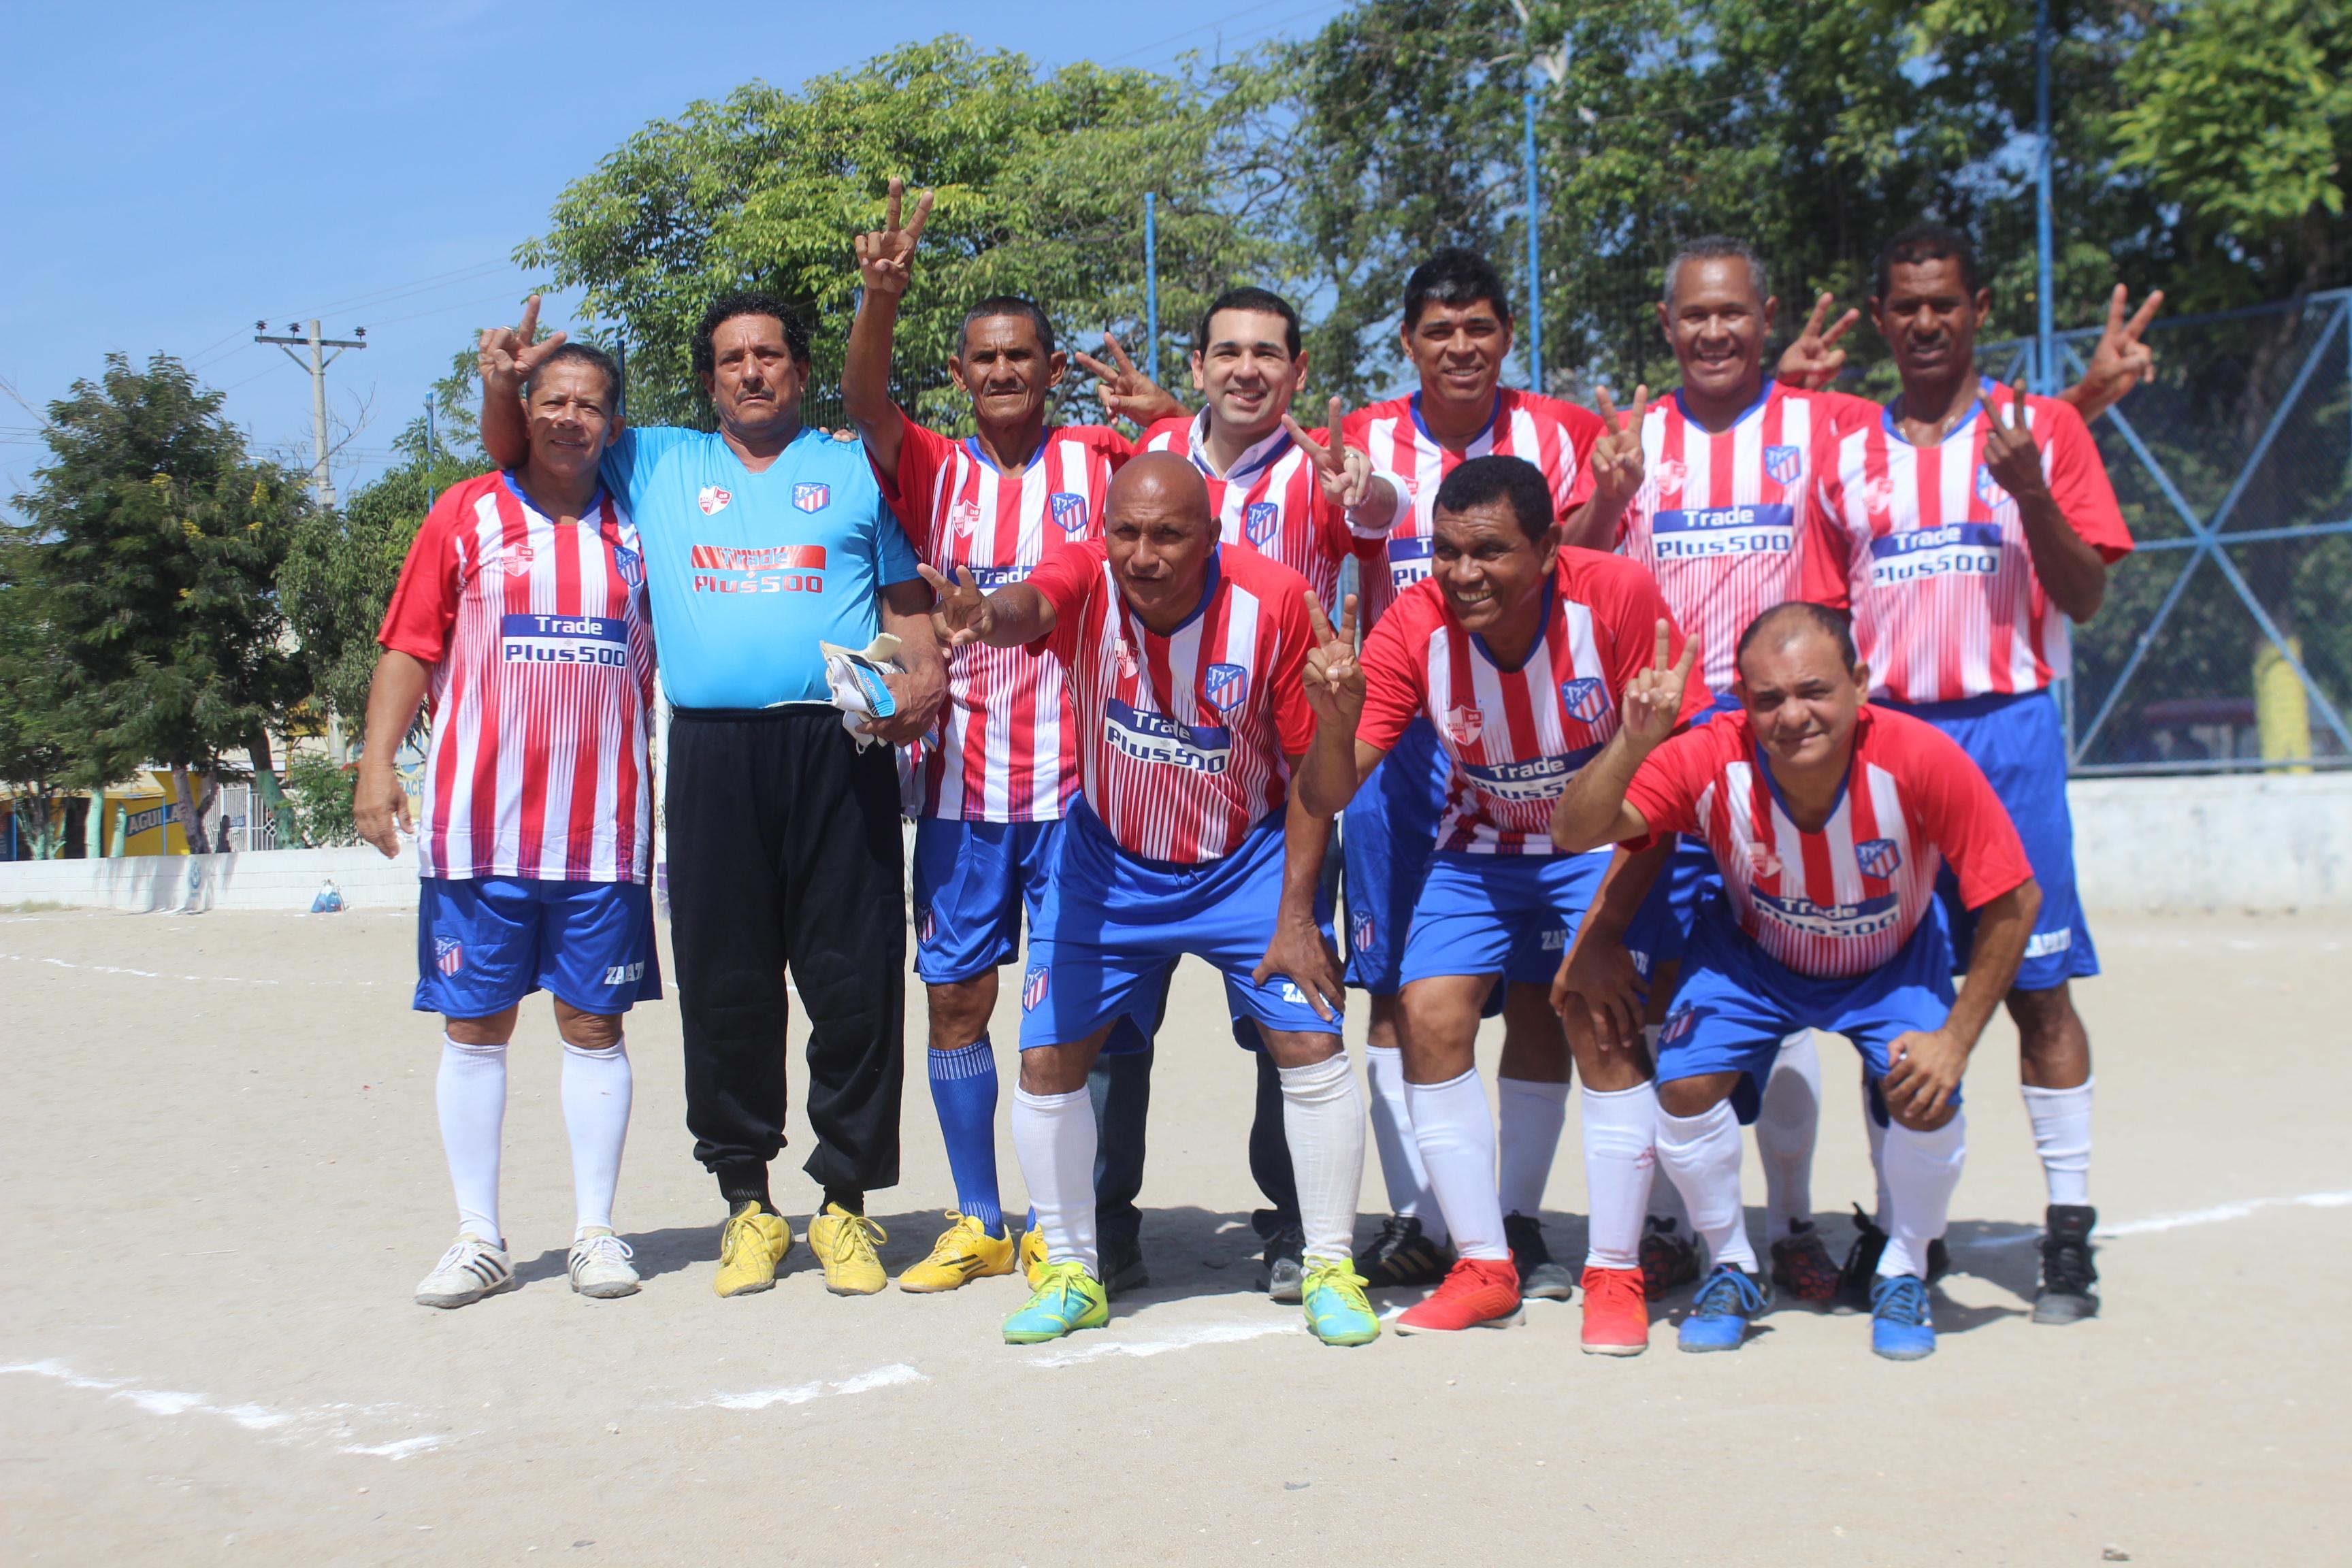 Luis Alberto Zapata Garrido quiere incentivar el deporte hacia todas las edades en Barranquilla